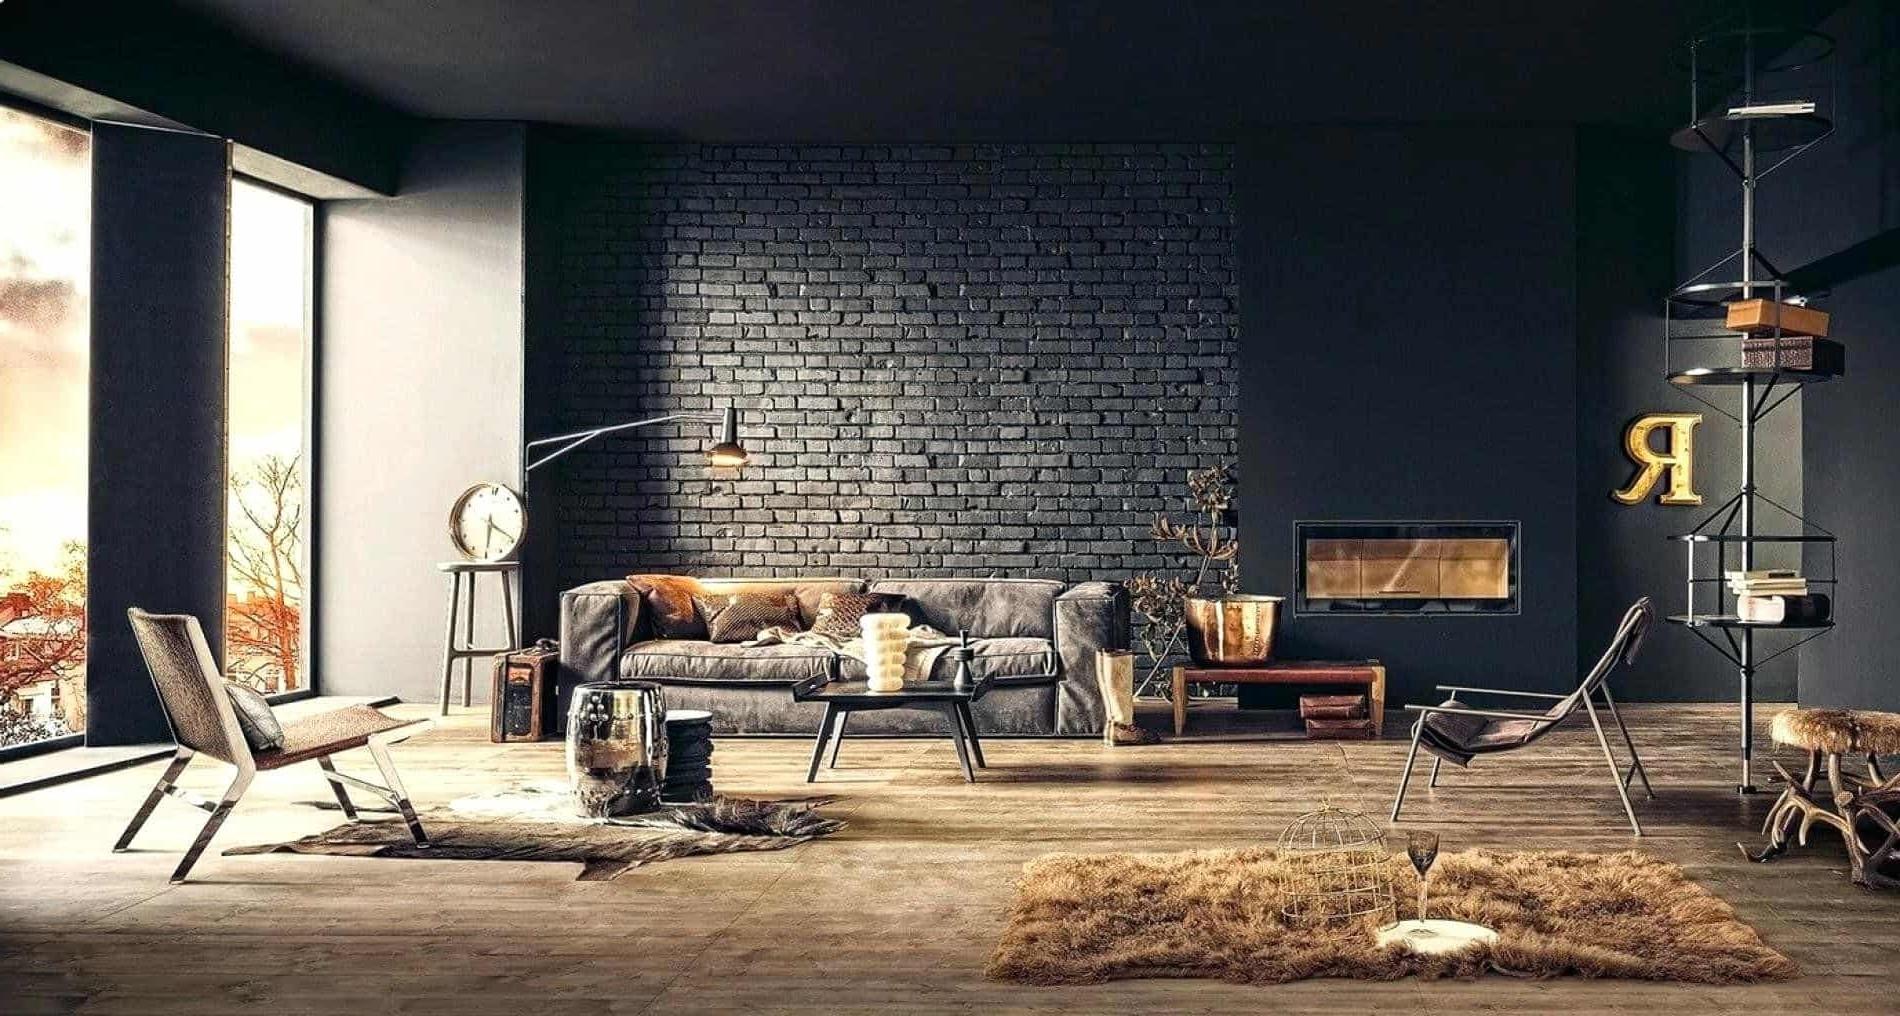 Un autre bon exemple d'un salon chaleureux en 2020 conçu avec des nuances de noir et de gris.